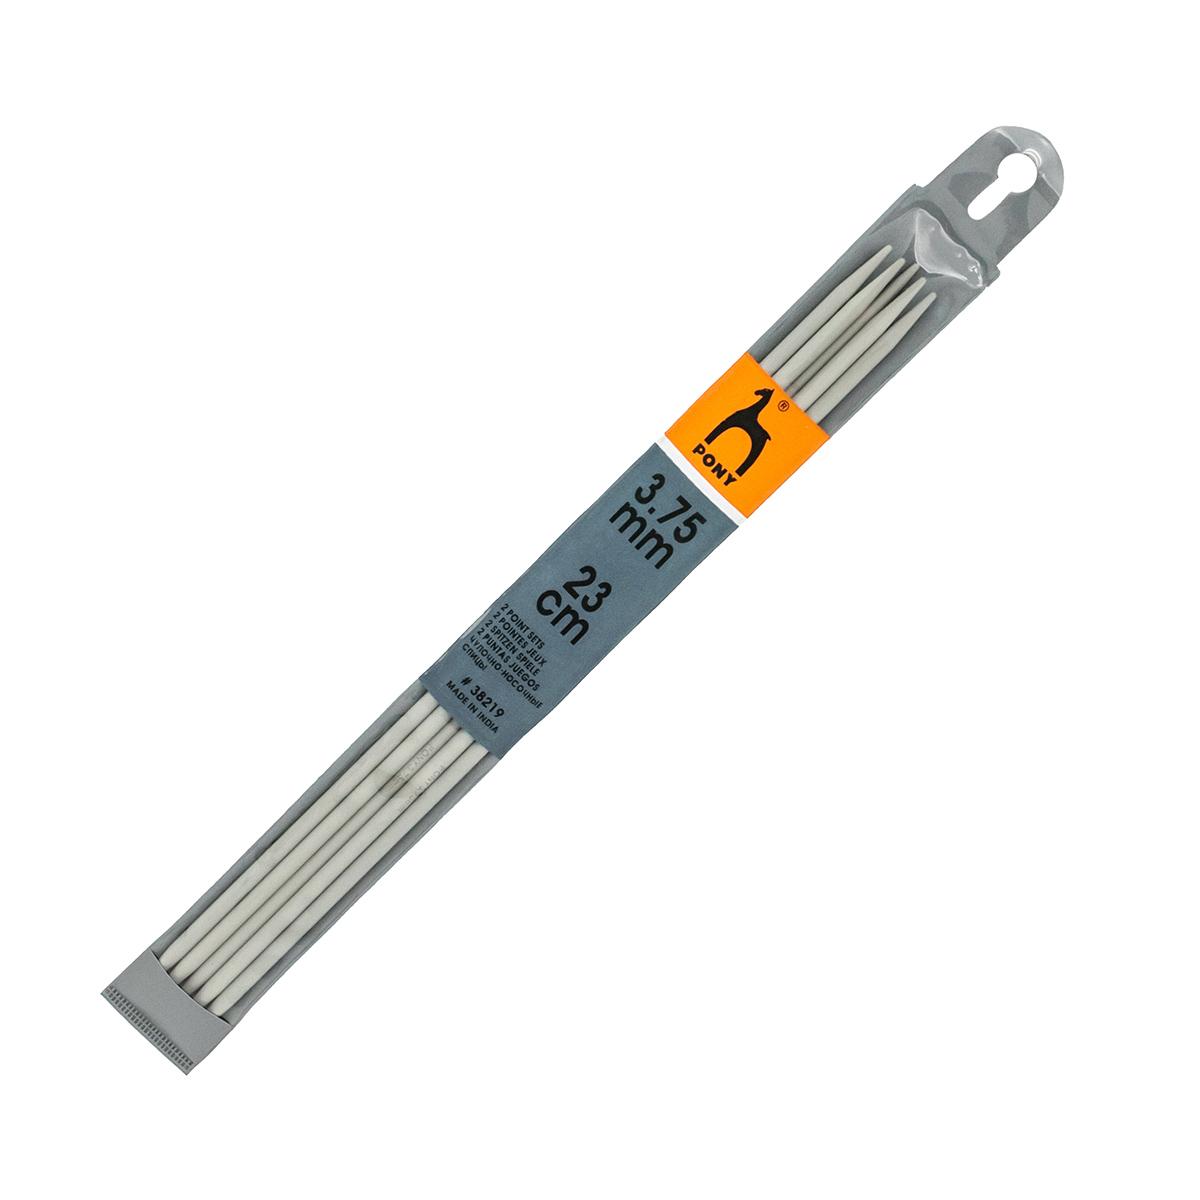 38219 Спицы чулочные 3,75 мм/ 23 см, алюминий, 5 шт PONY